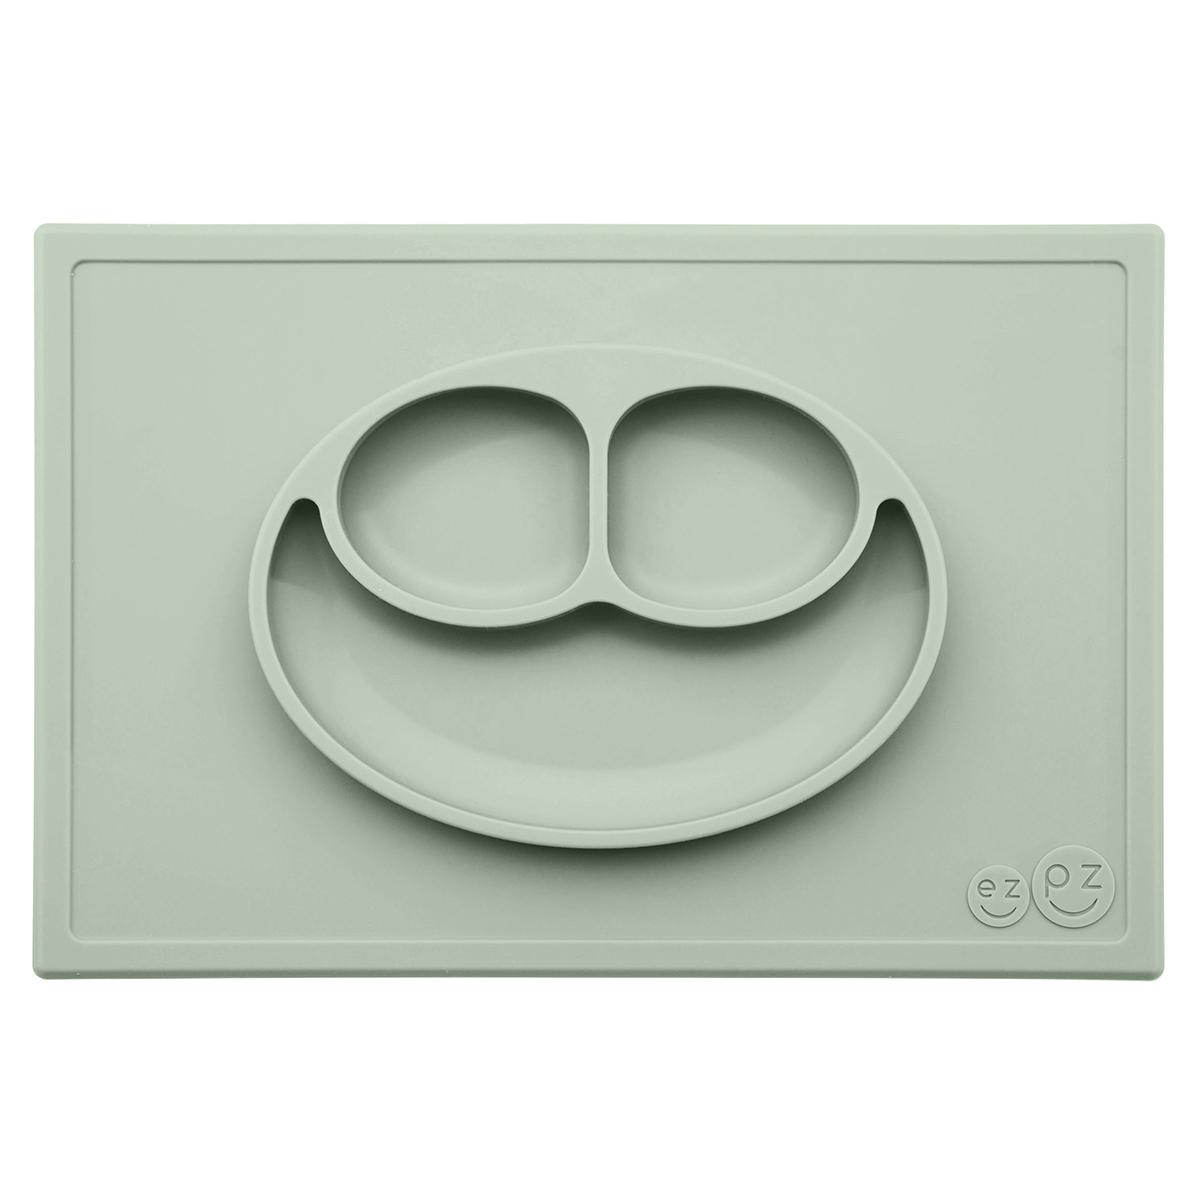 Vaisselle & Couvert Set de Table et Assiette Tout-en-1 Irrenversable Happy Mat - Vert Amande Set de Table et Assiette Tout-en-1 Irrenversable Happy Mat - Vert Amande